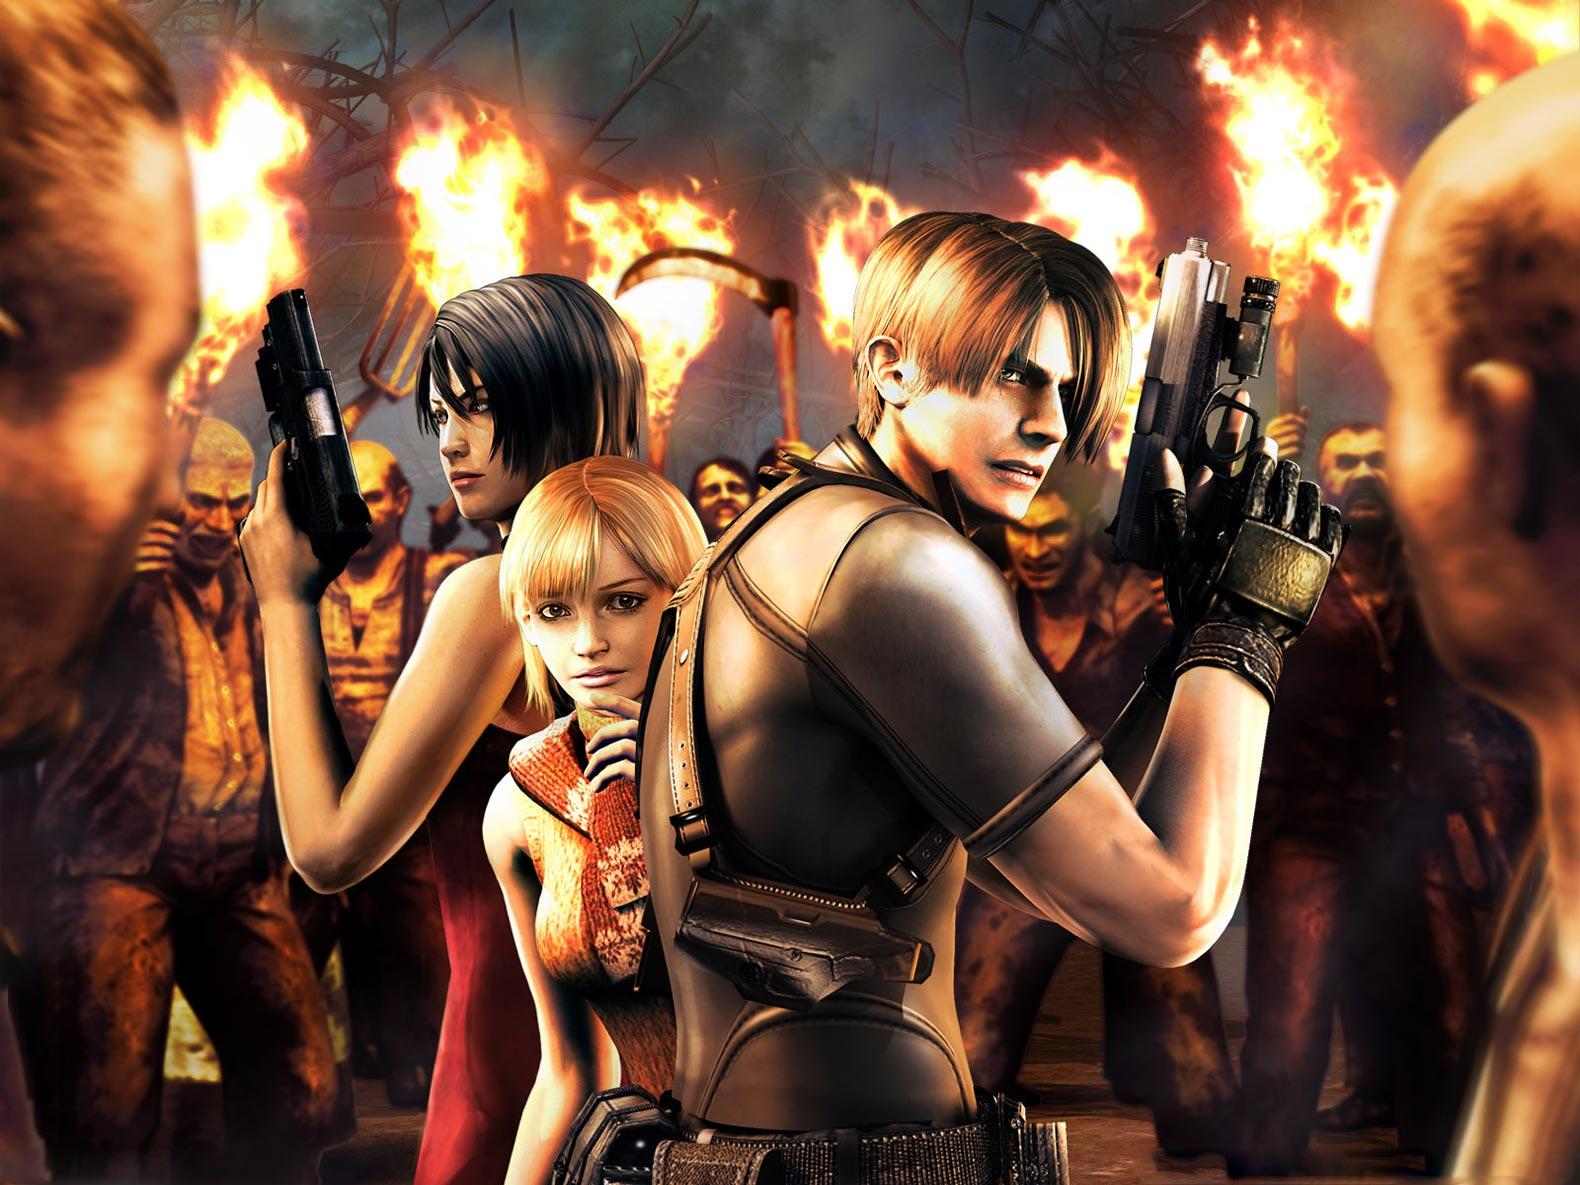 Imagenes De Resident Evil 4 Para Fondo De Pantalla , HD Wallpaper & Backgrounds